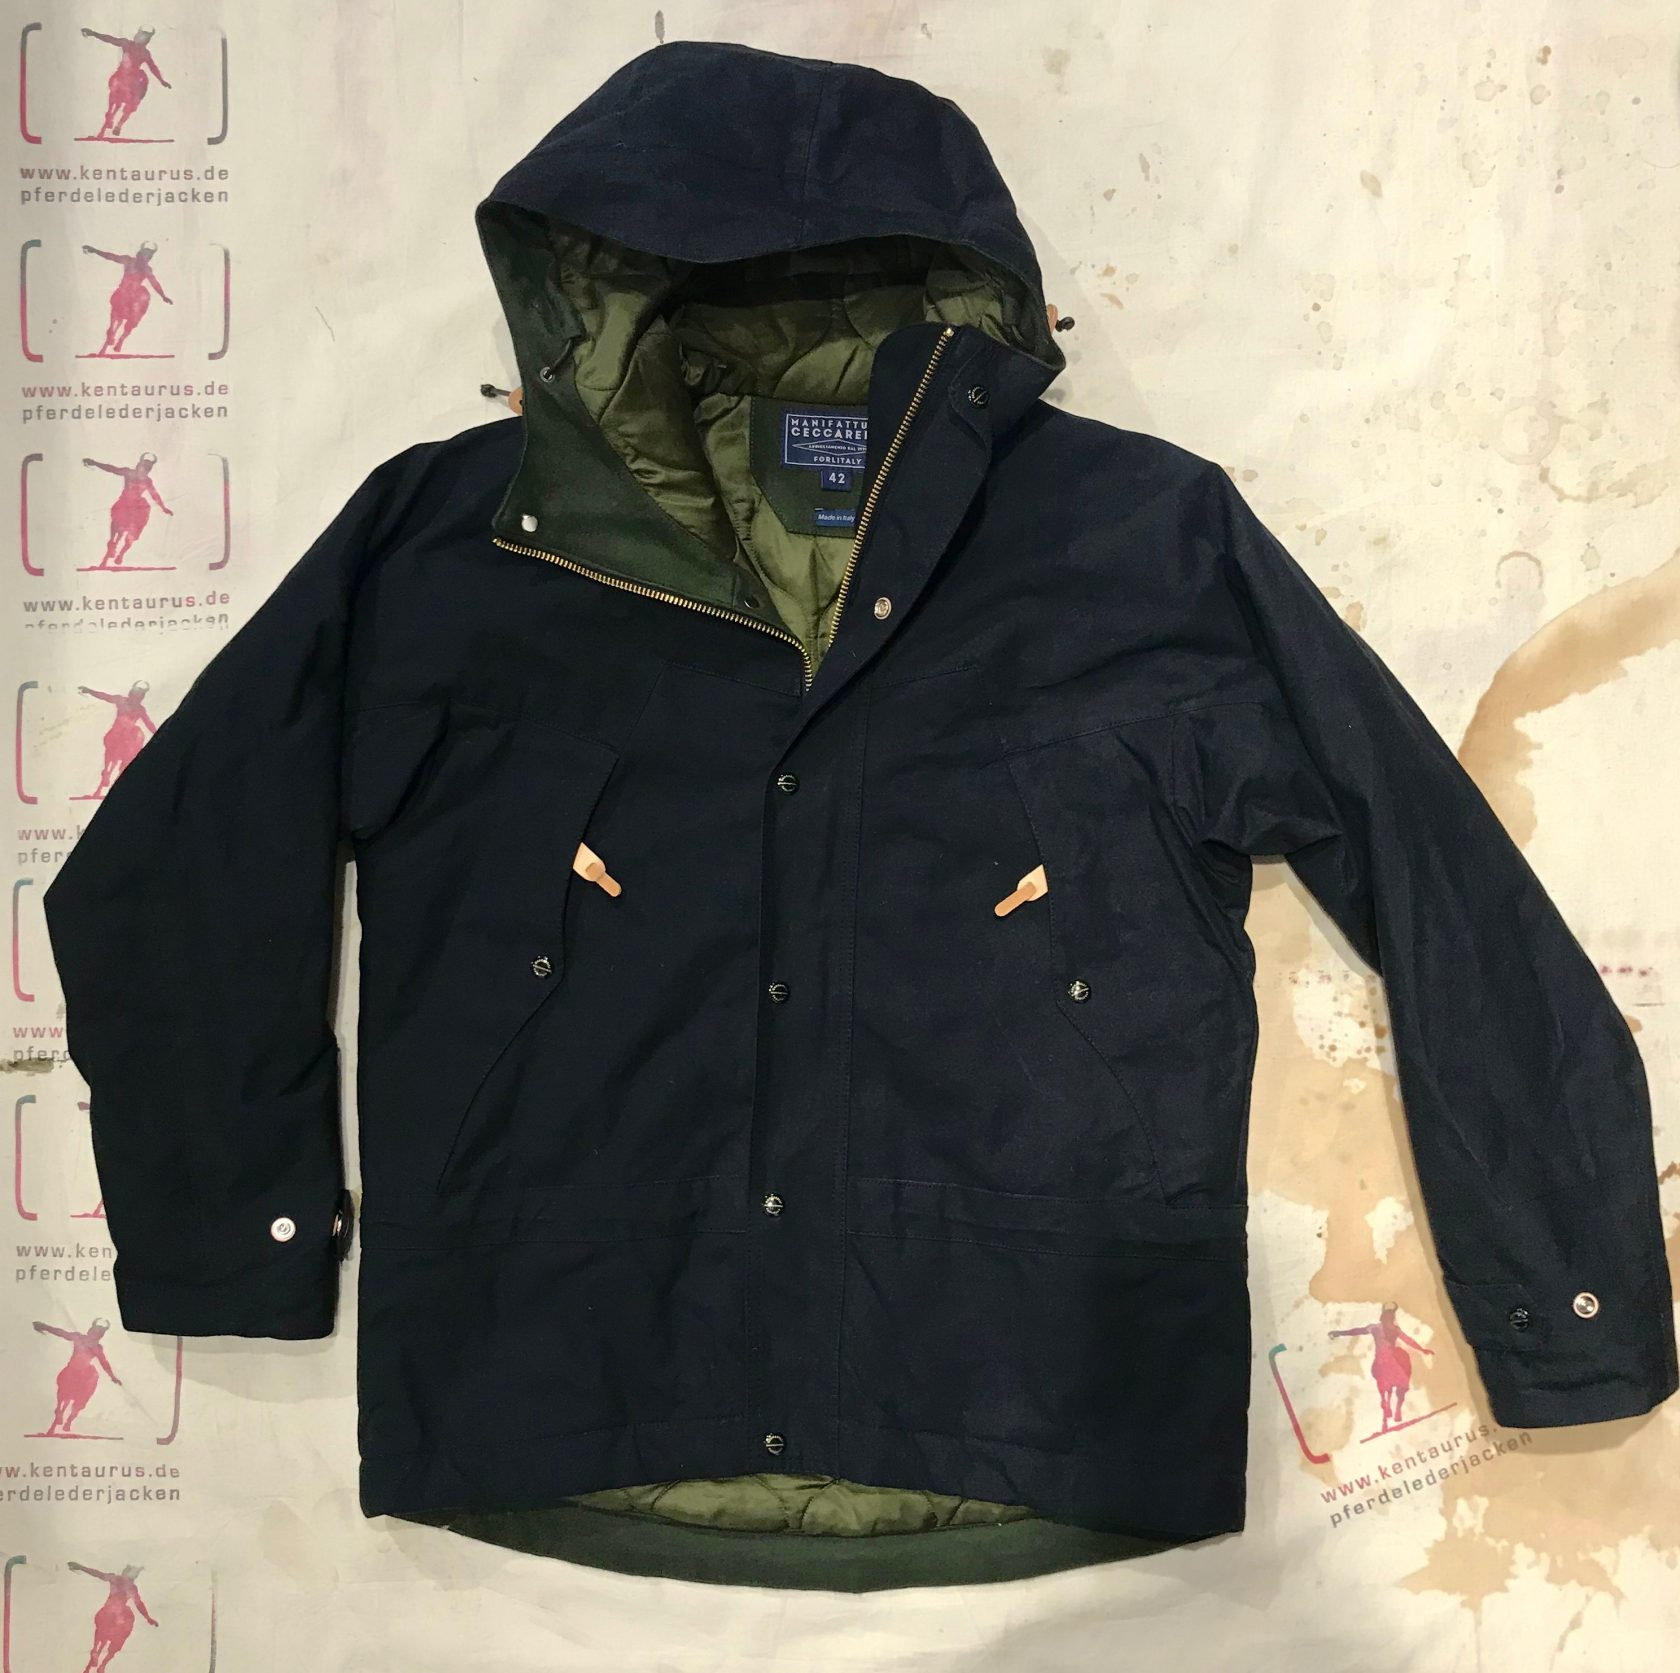 Ceccarelli mountain jacket black